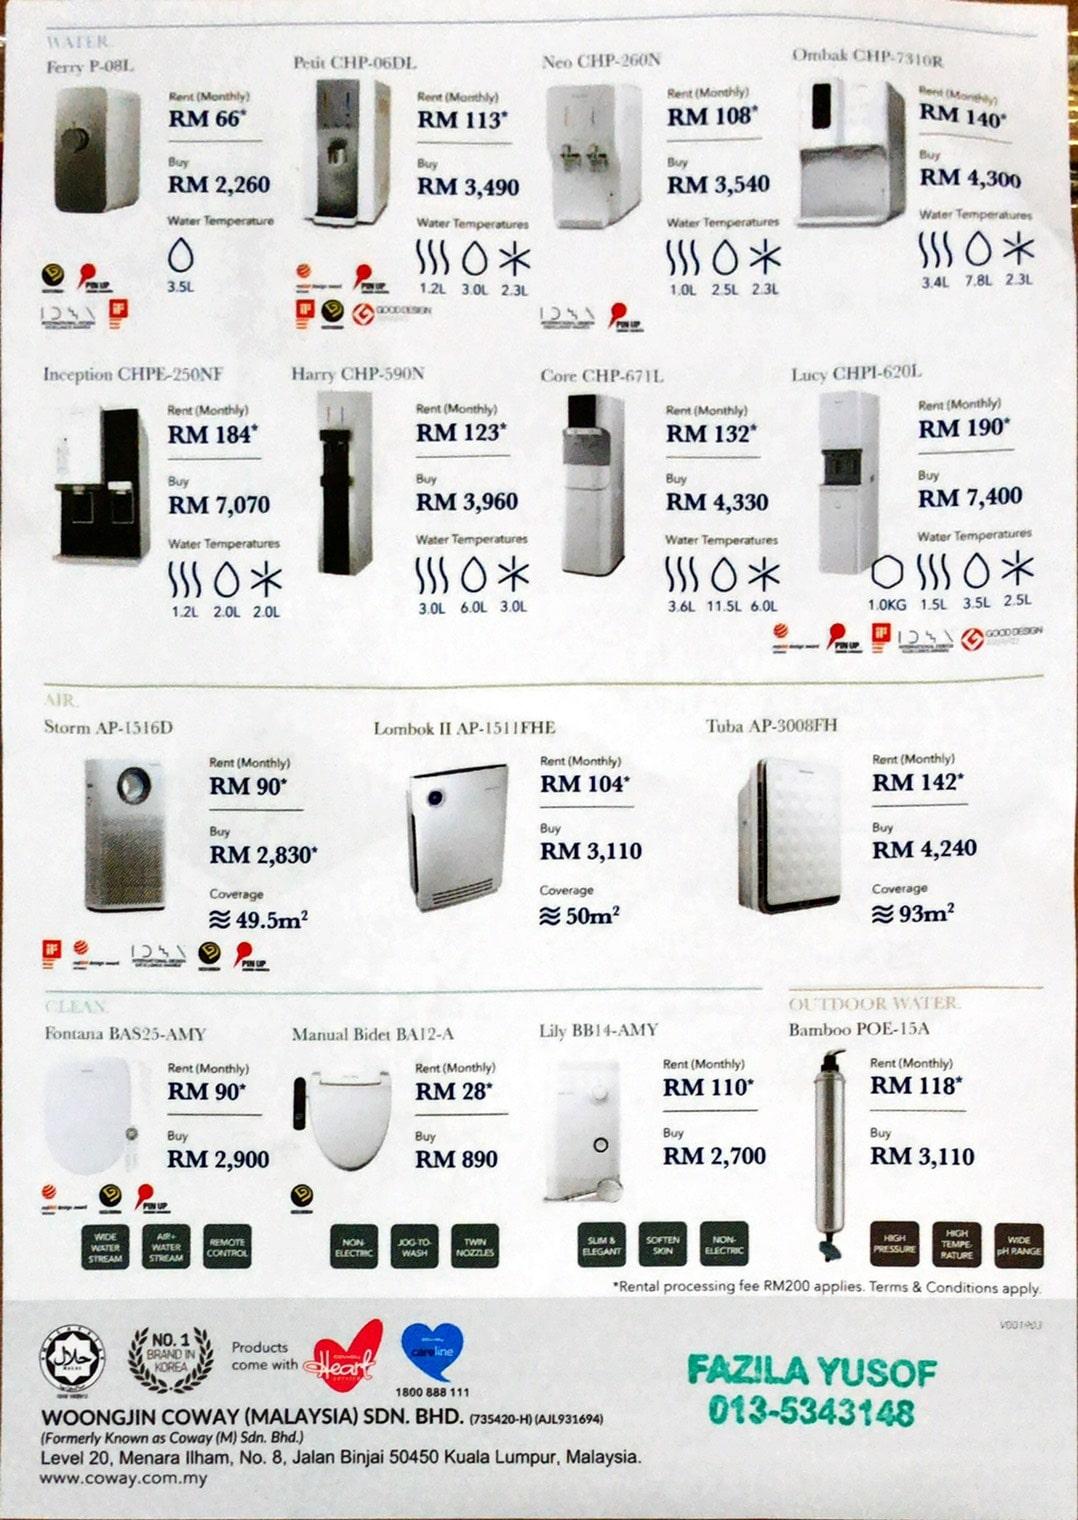 マレーシアcoway価格表